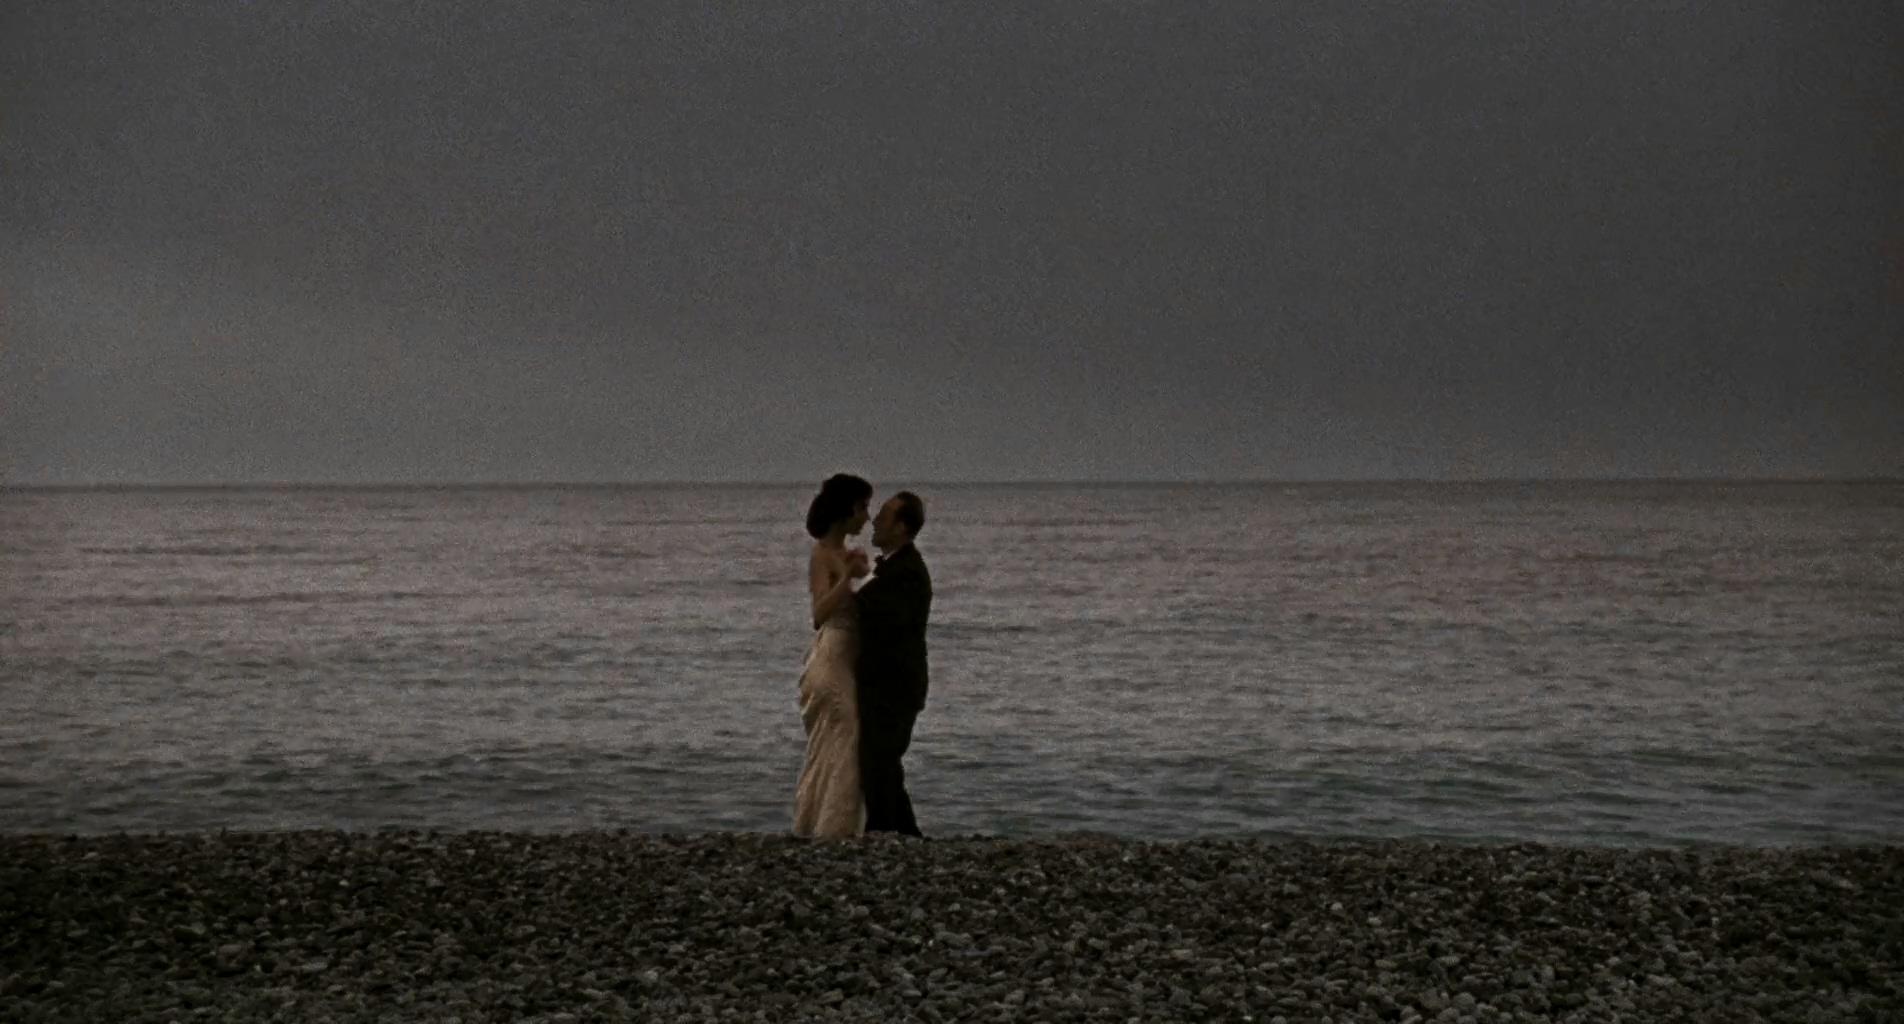 Dolores Chaplin and Karl Markovics in Die Fälscher (2007)